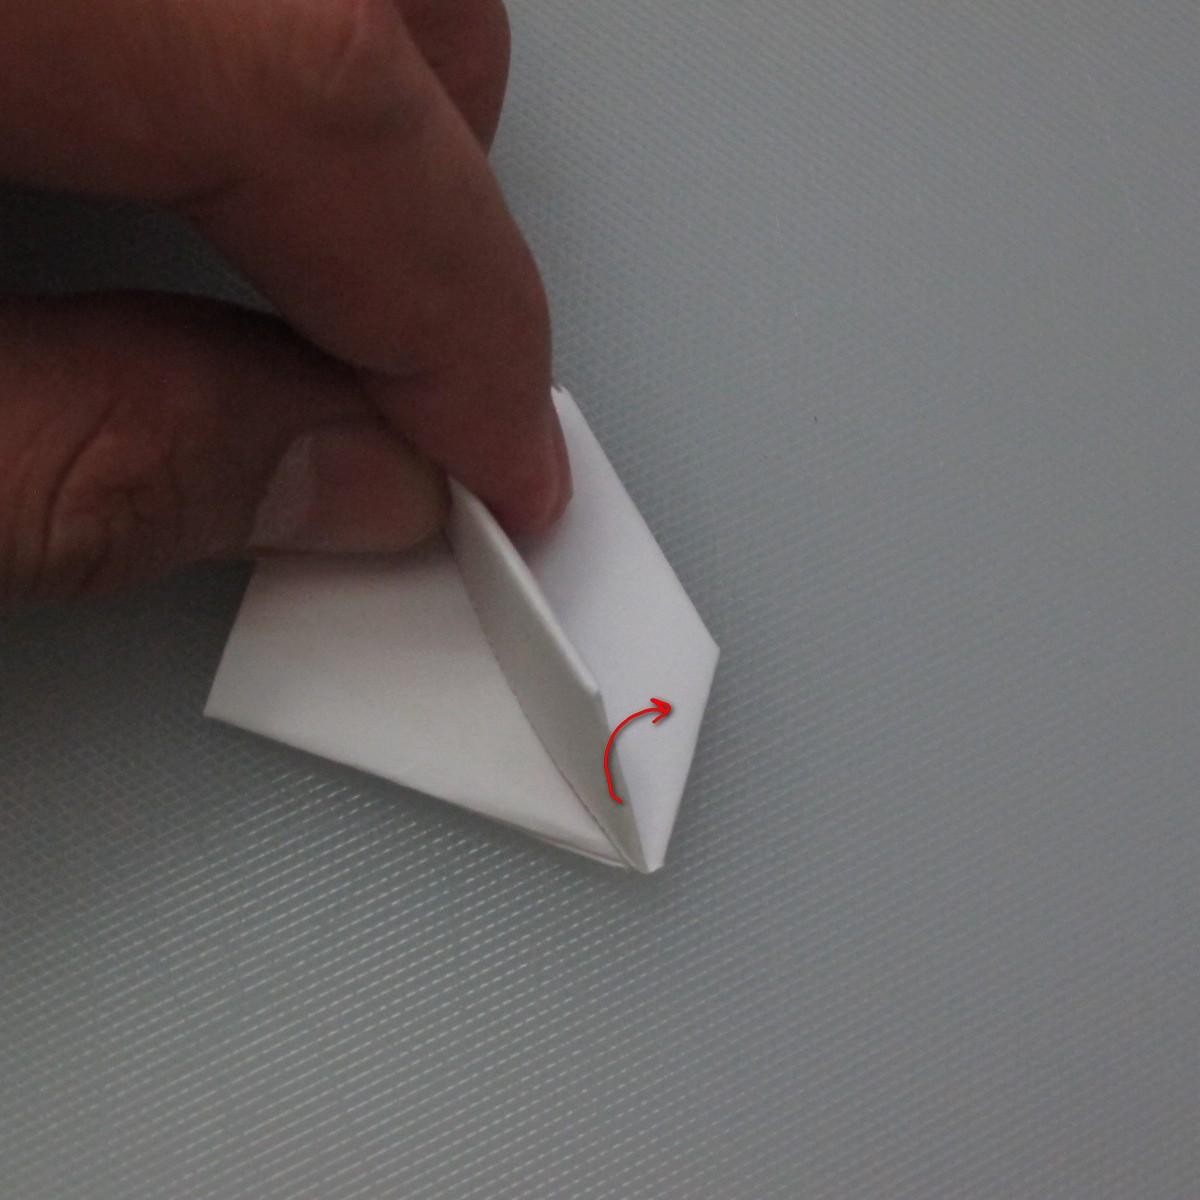 วิธีการพับกระดาษเป็นรูปกระต่าย 011